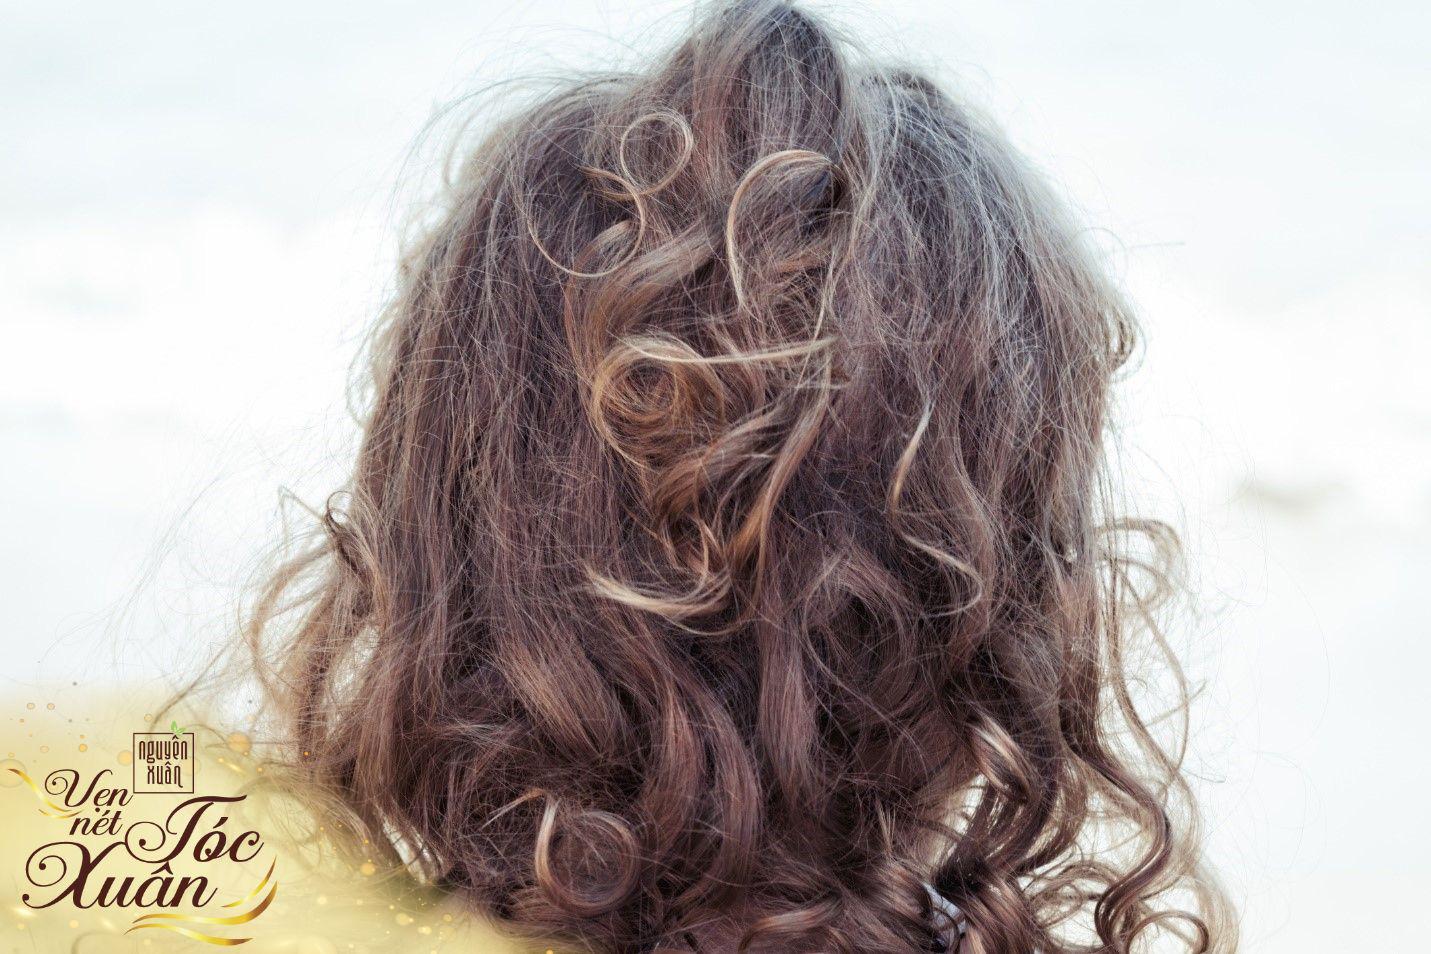 Chẳng mất thời gian đun nước lá, tóc vẫn thơm, mượt như dùng nước lá thần thánh thời các bà các mẹ - Ảnh 3.